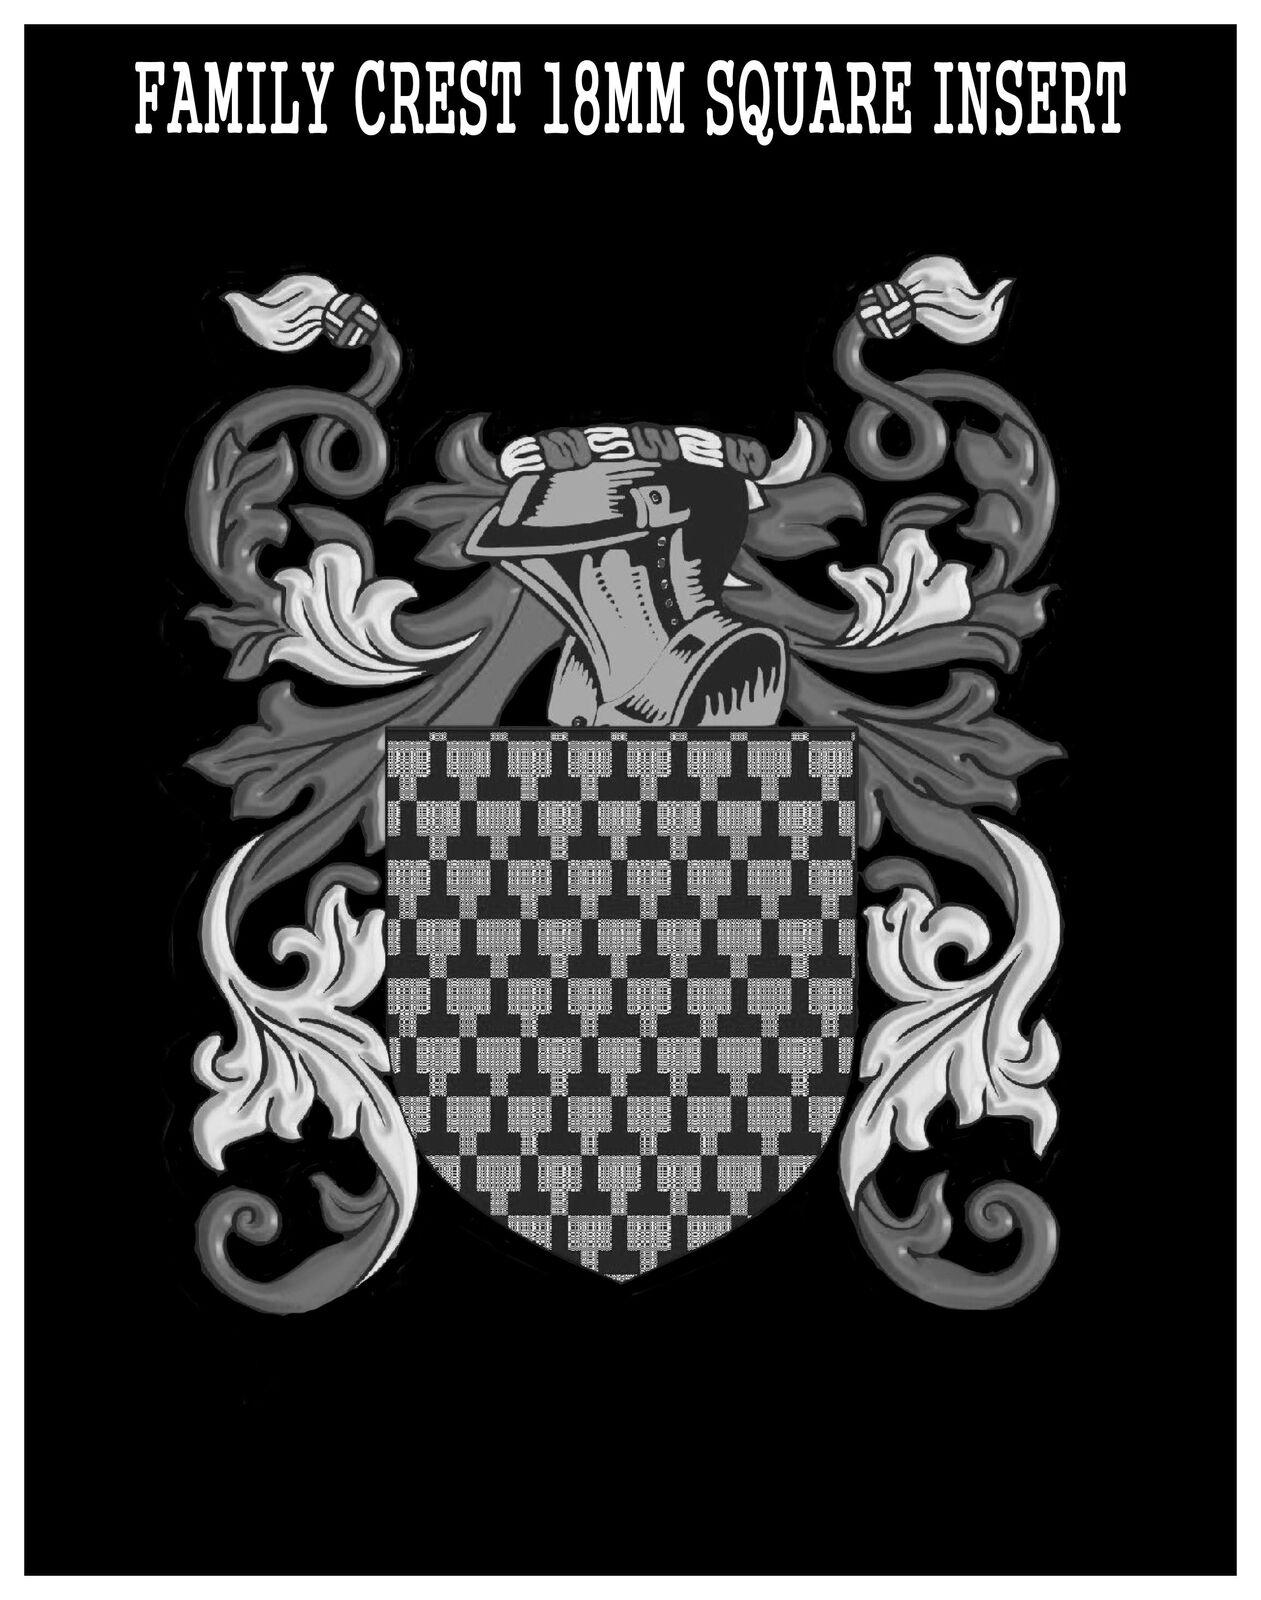 Locaux: Matériel, Fournitures Équipements Professionnels Boîte Set 8 Usb Stylo Star Boutons Post Capewell Famille Écusson Gravé